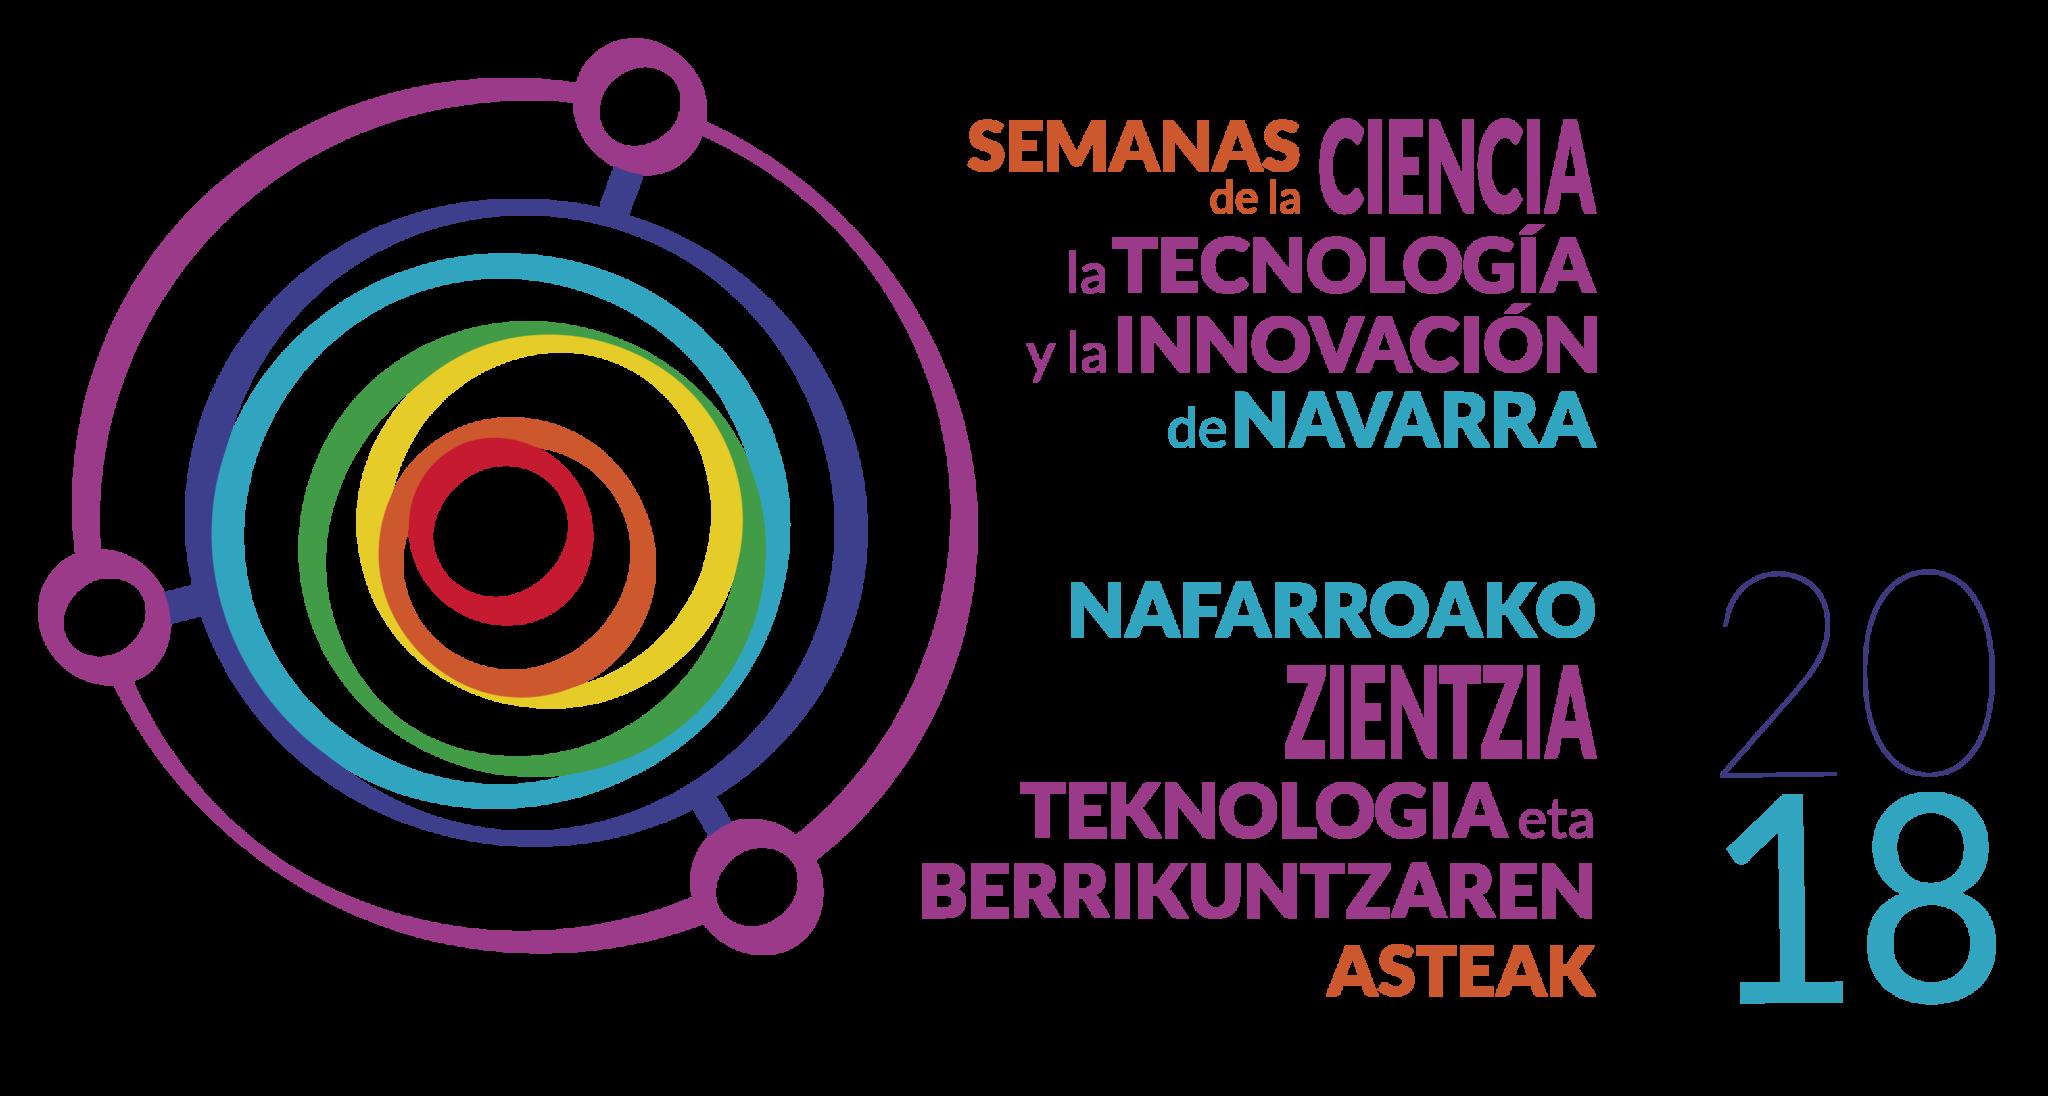 Semanas de la Ciencia 2018 Navarra